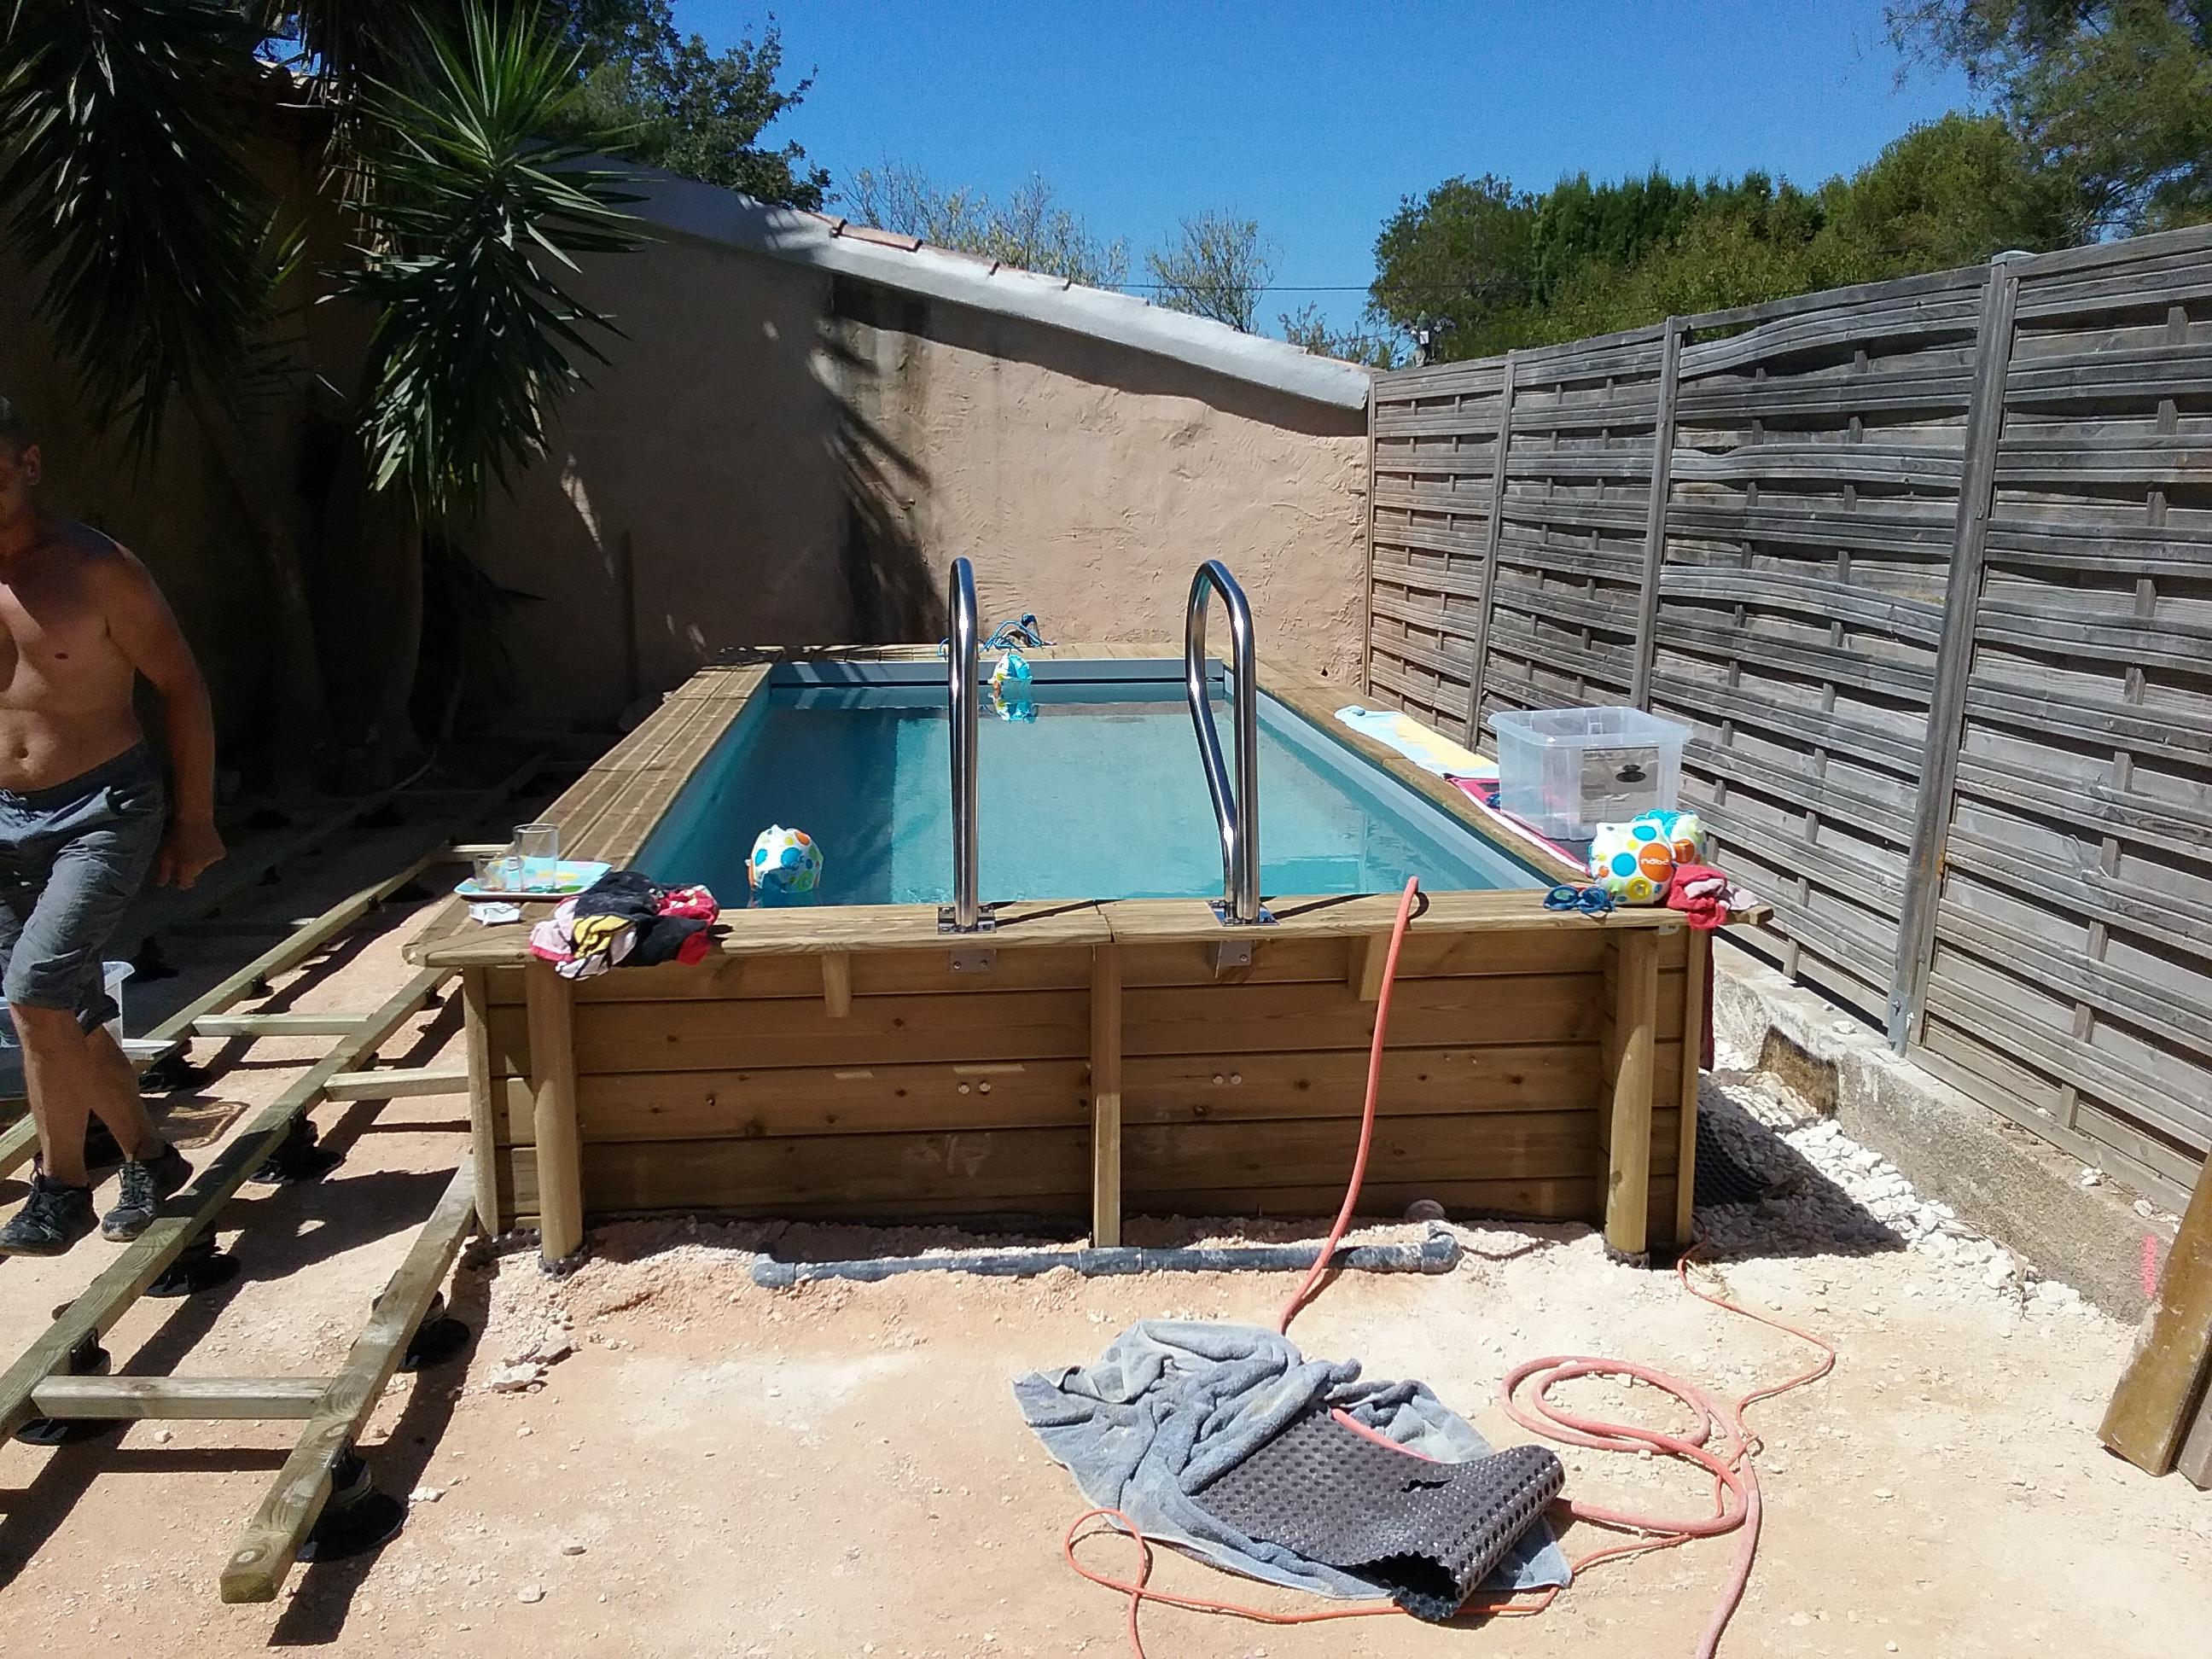 Une petite piscine en bois construction de piscine toulon var bandol - Petite piscine en bois ...